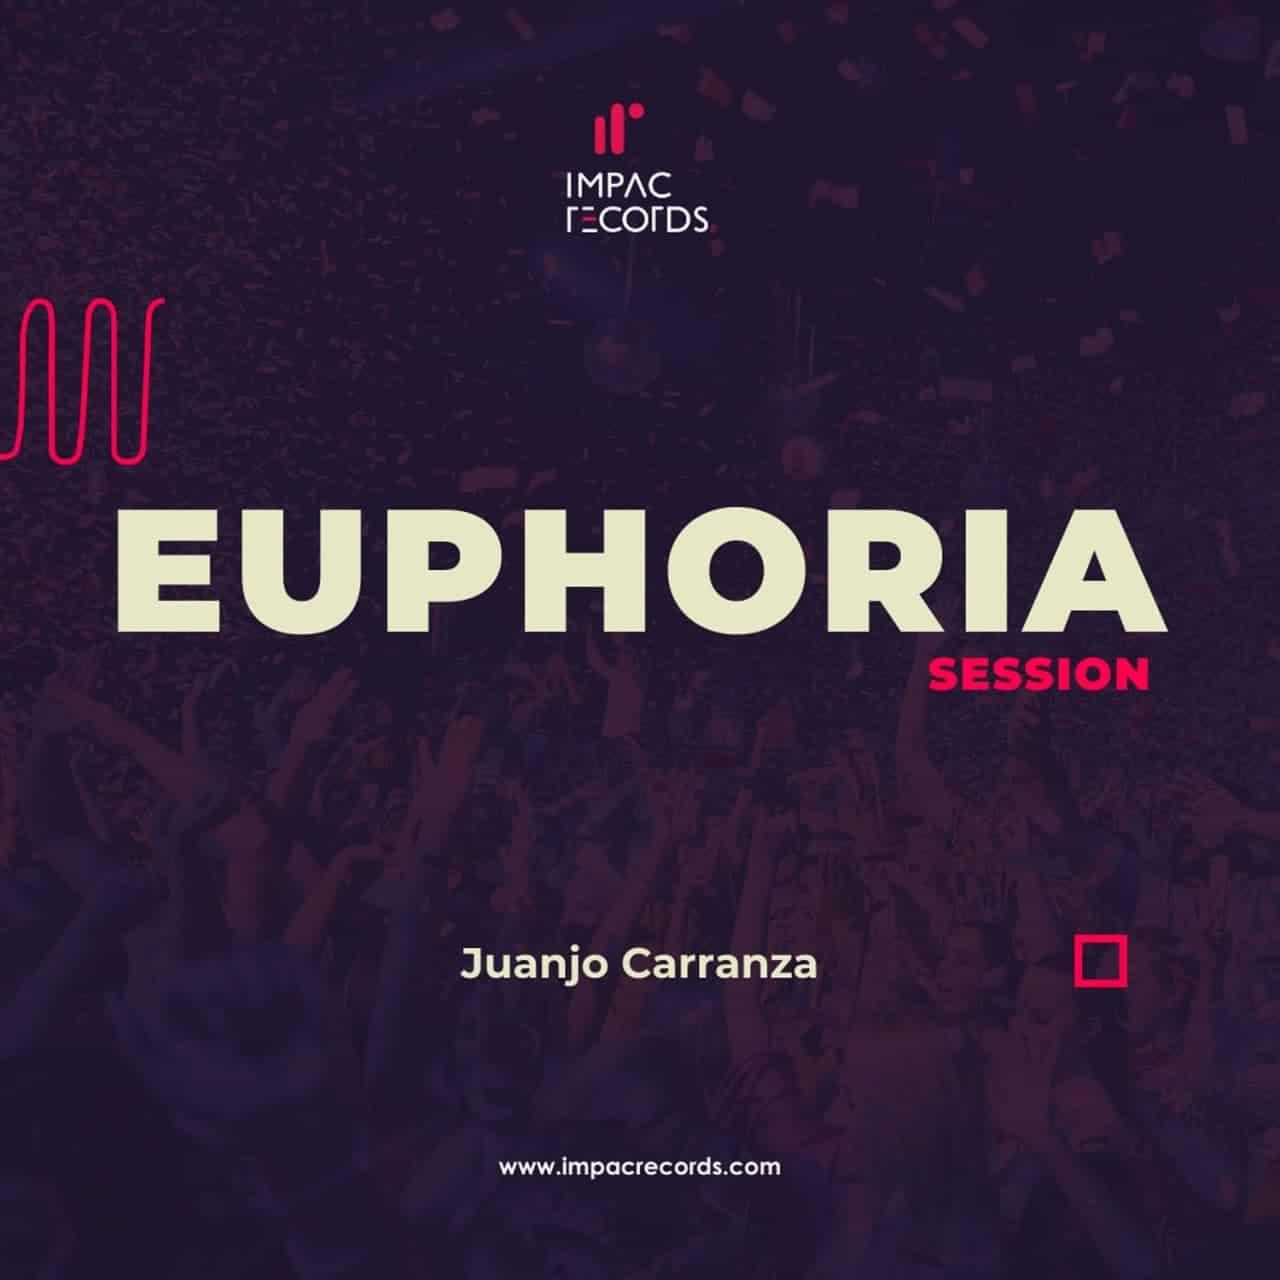 Euphoria Session